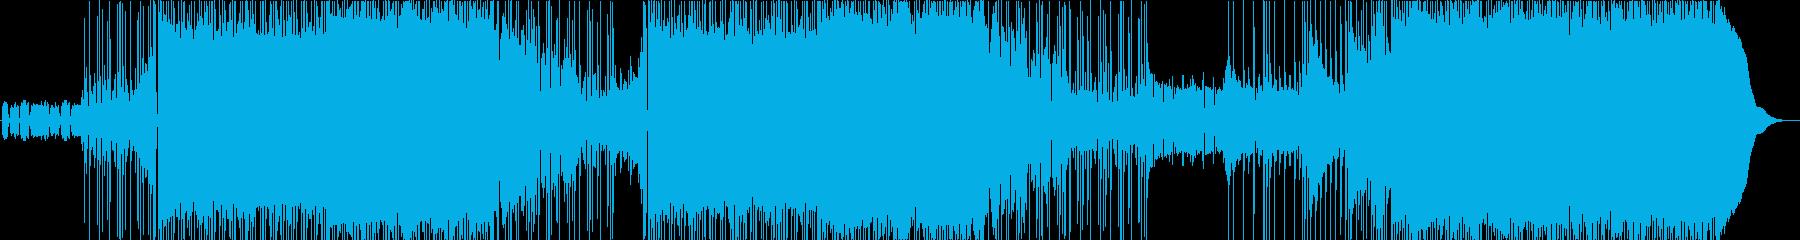 テンションの上がるグランジオルタナロックの再生済みの波形